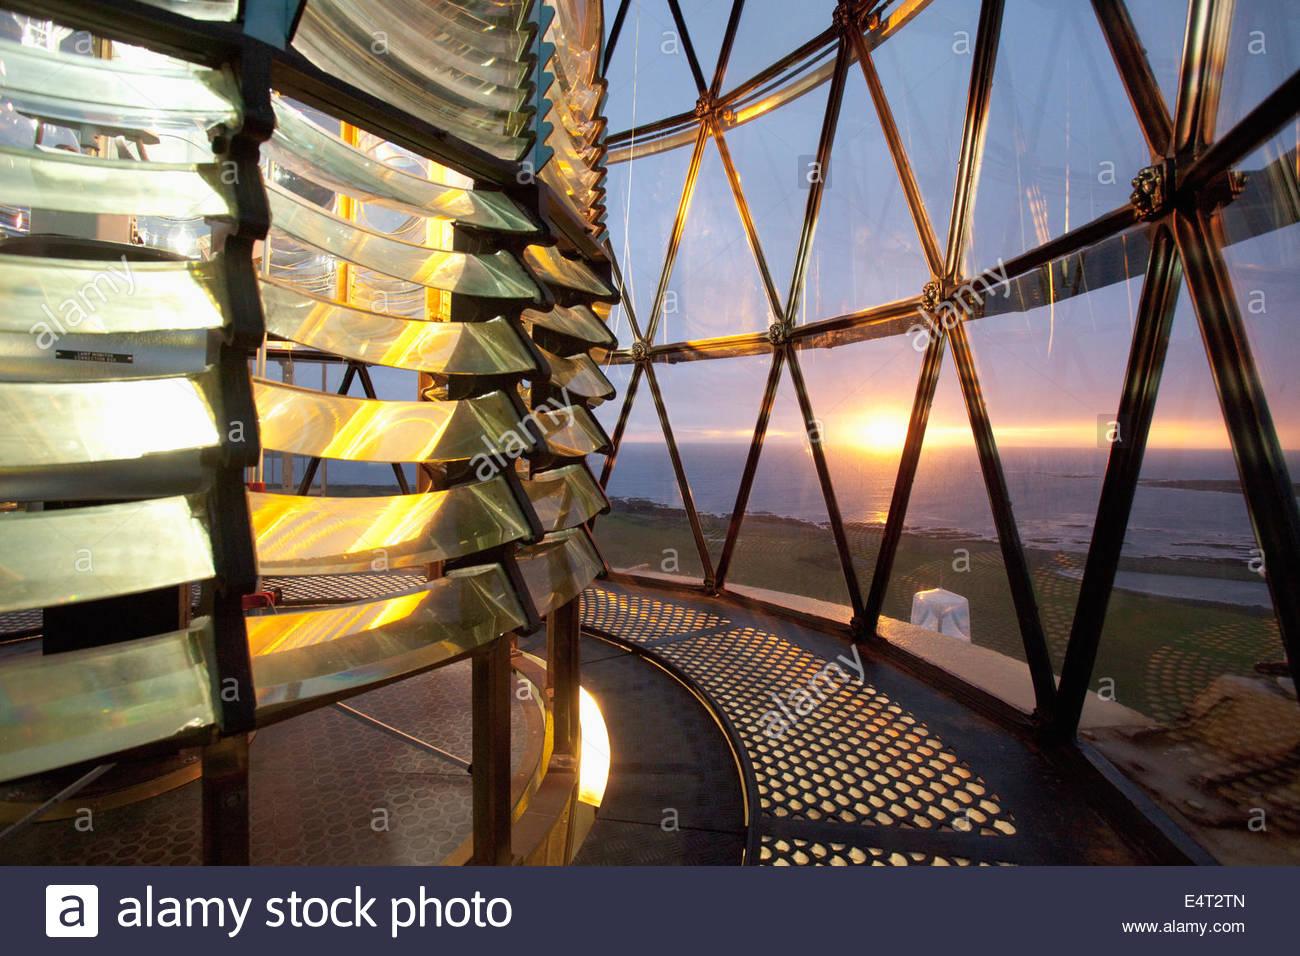 Das Objektiv von der North Ronaldsay Leuchtturm bei Sonnenuntergang, North Ronaldsay, Orkney, Schottland fotografiert. Stockbild